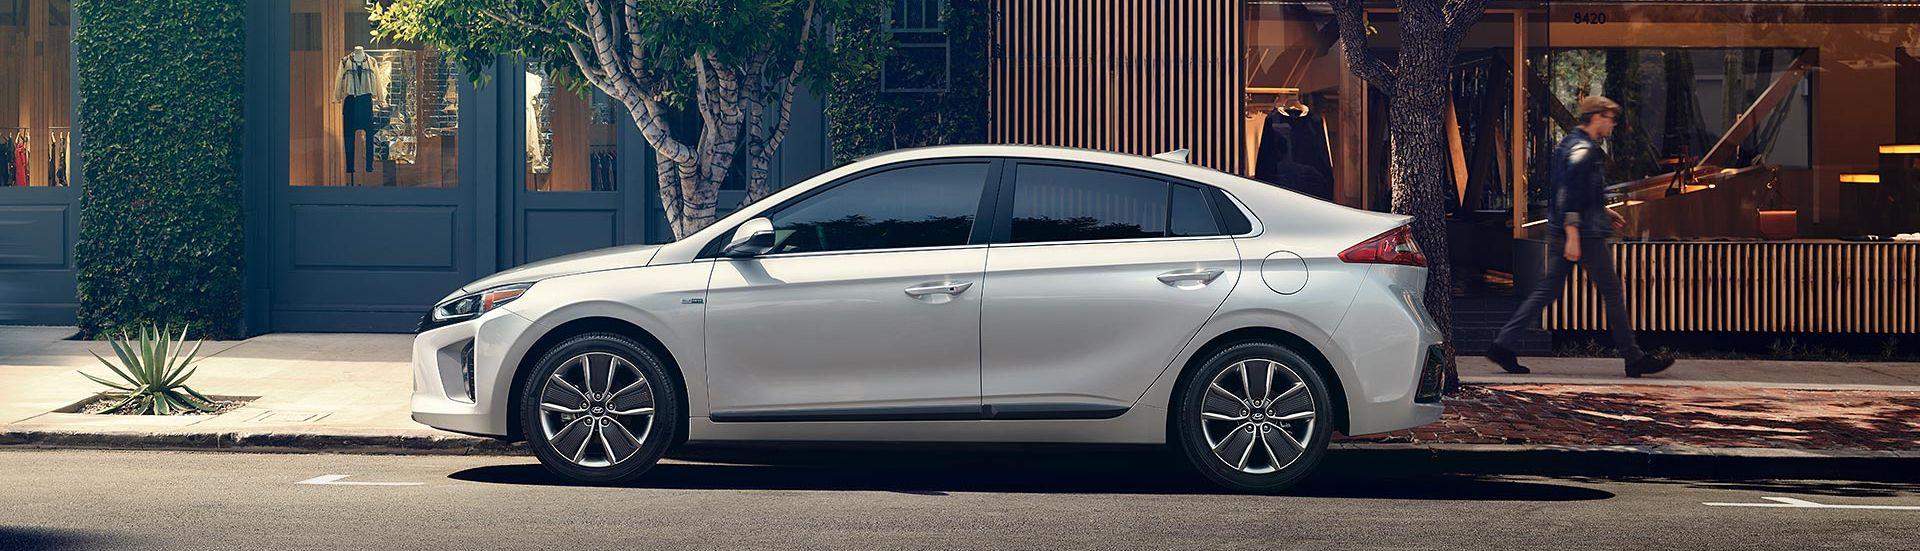 2019 Hyundai Ioniq Hybrid Leasing near Bowie, MD